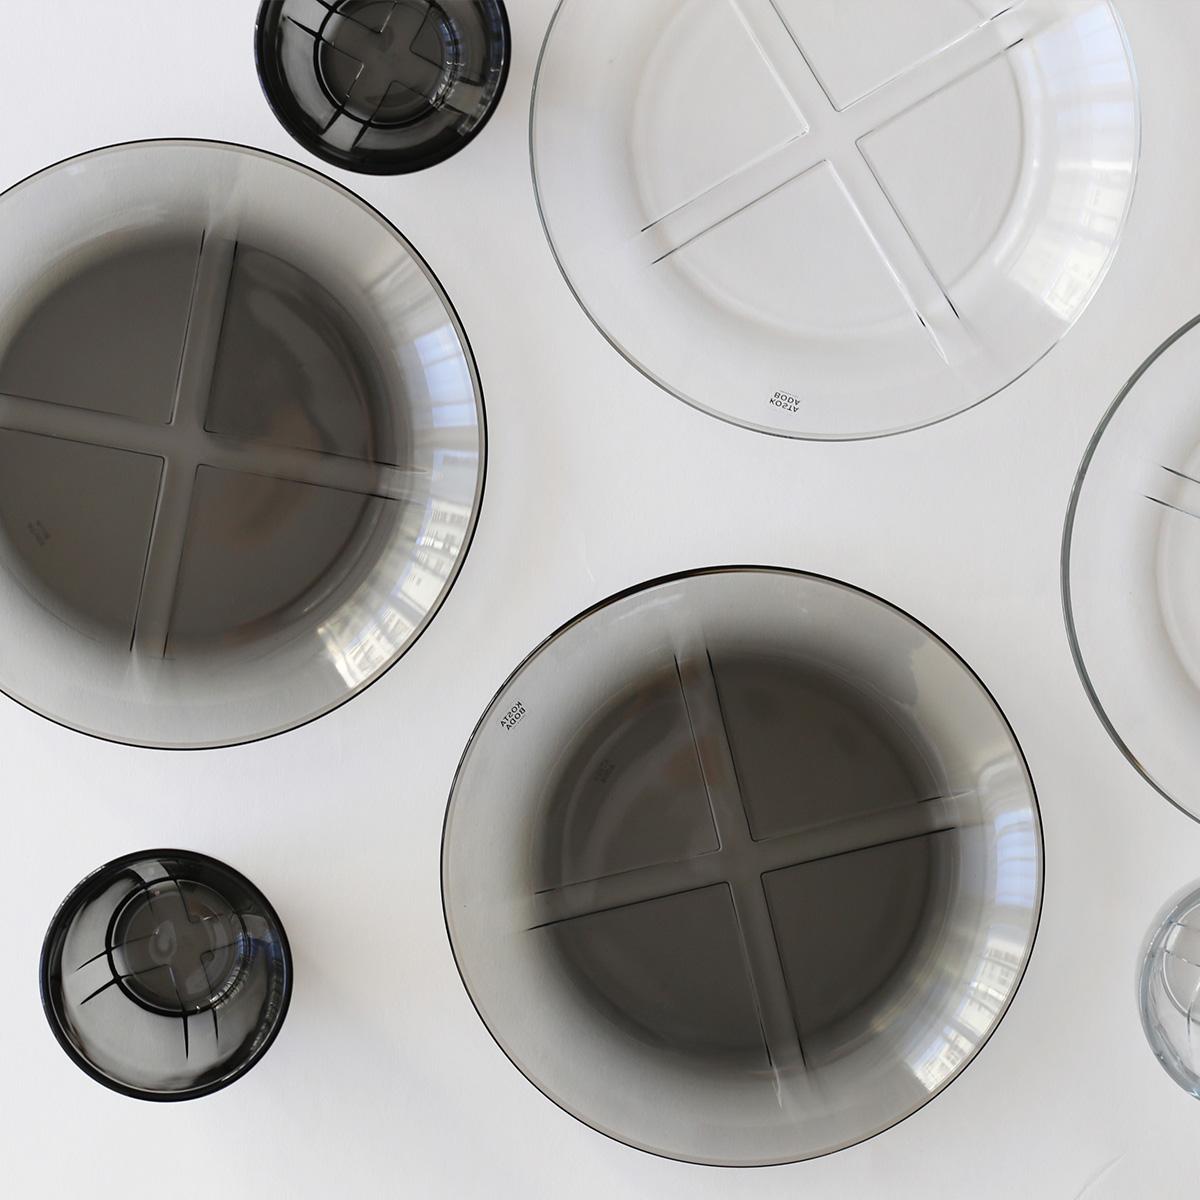 KOSTA BODA (コスタ ボダ) Bruk.(ブルック) サイドプレート H2.1×Φ19.5cm スモーキーグレー北欧/食器/皿